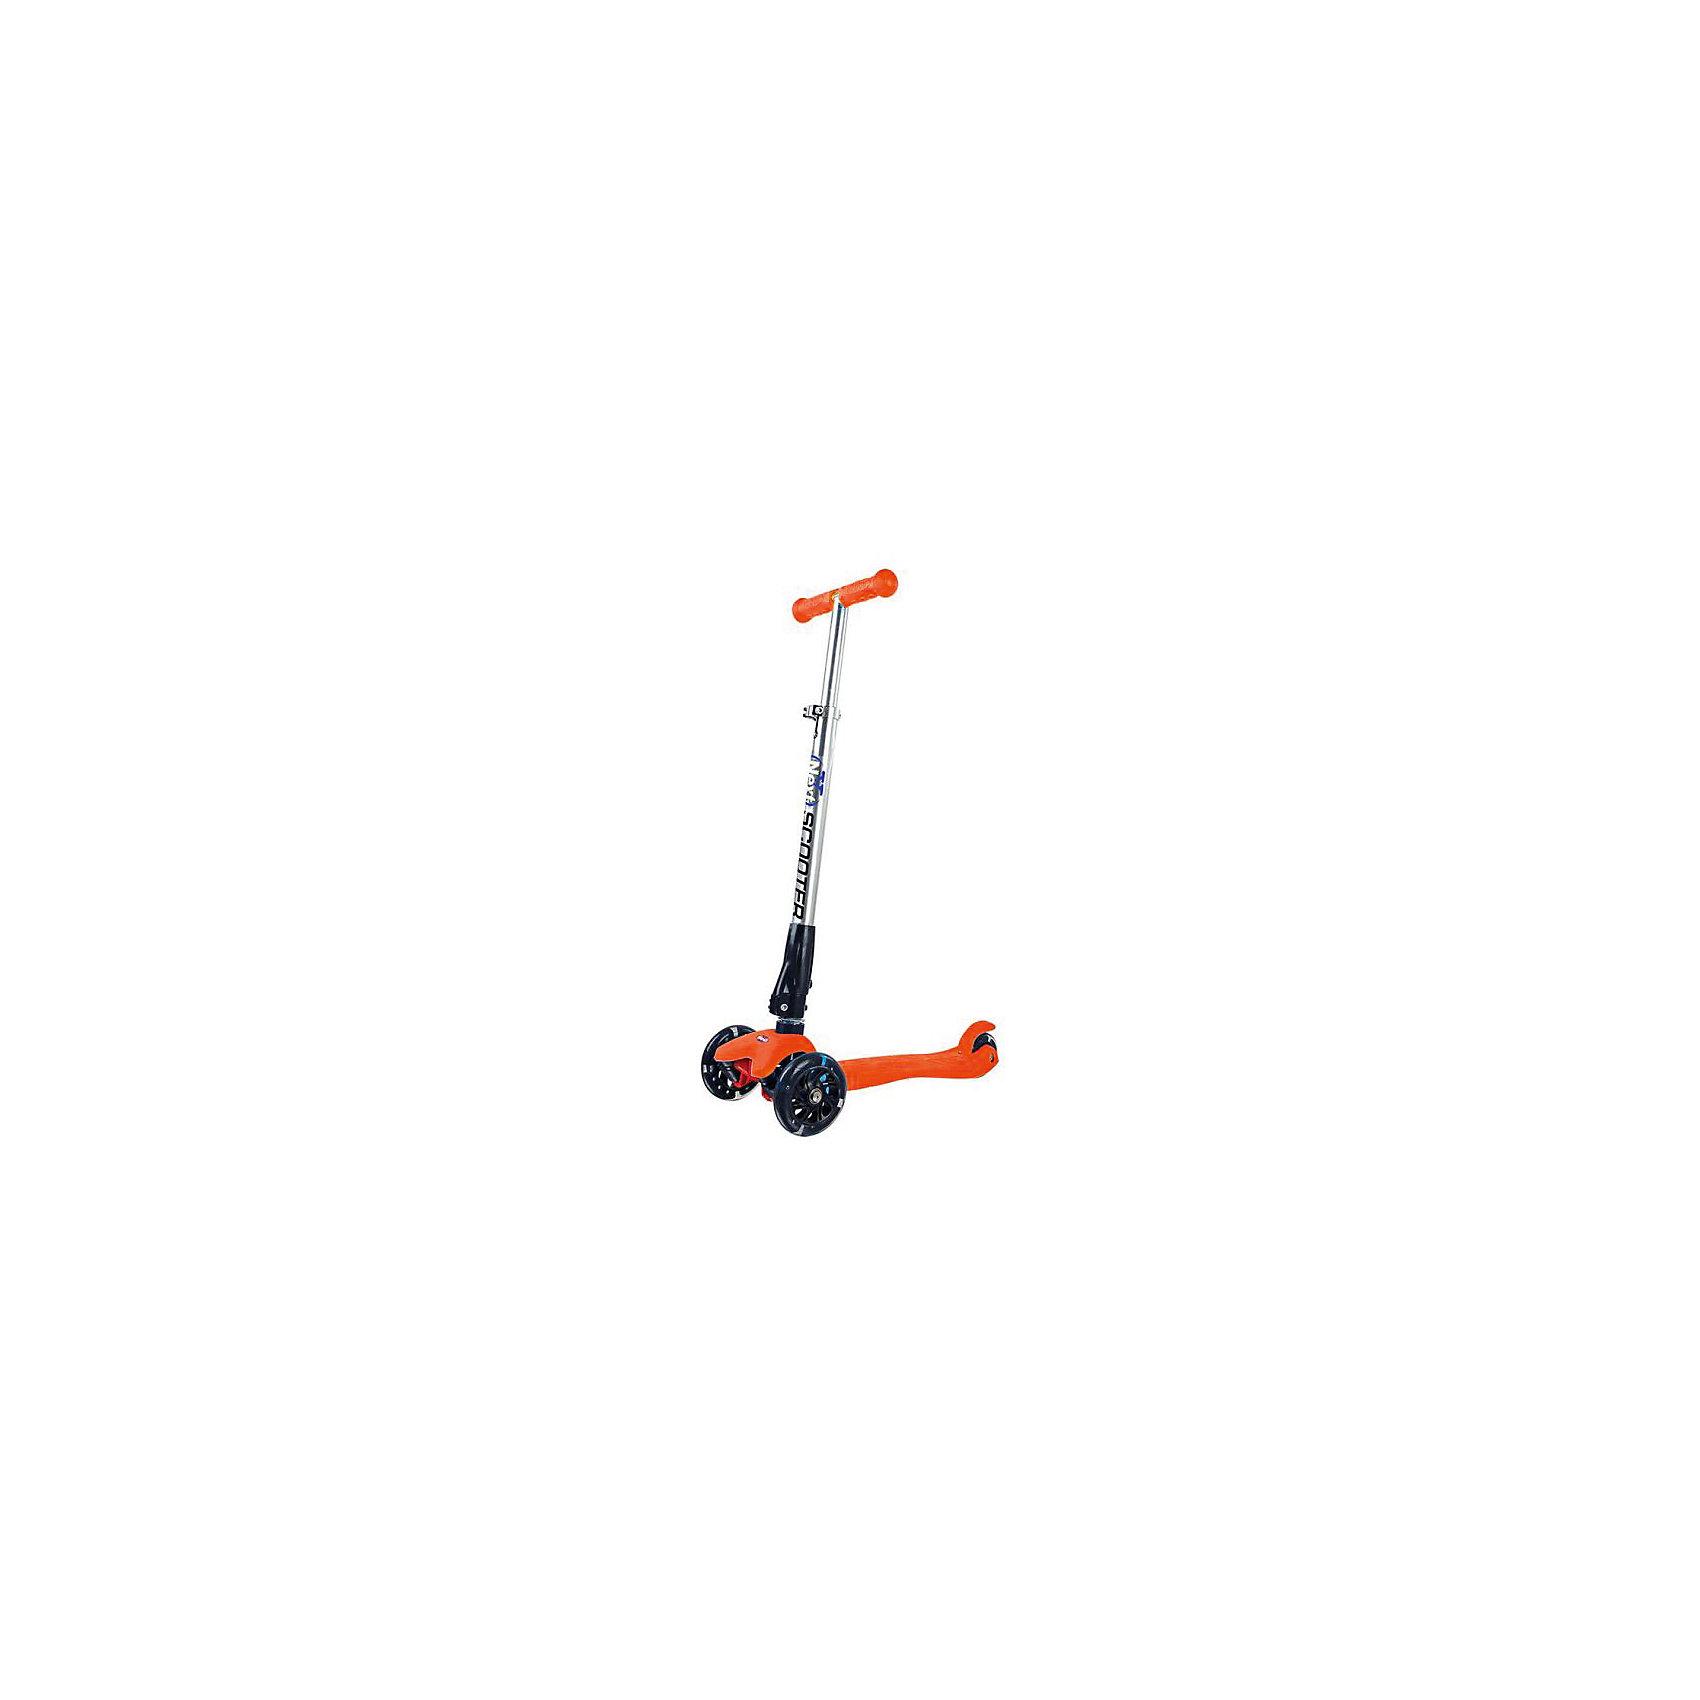 Трехколесный самокат, со светящимися колесами, оранжевый, NEXTСамокаты<br>Самокат NEXT 3-колесный складной, два колеса впереди (свет)- высококачественные полиуретановые (pu) колеса: светящиеся передние 2 колеса диаметорм 120 мм , светящееся заднее 1 колесо диаметром 80, - усиленная платформа с насечками против скольжения,- материалы: алюминий, нейлон, полипропилен,- металлический механизм складывания,- руль регулируется по высоте (3 положения: 63-86 см),- высокоточный подшипник,- габариты 56 х 24 х 63-86 см- безопасный задний тормоз,- удобные резиновые рукоятки,- максимальная нагрузка - до 50 кг. Цвет - оранжевый<br><br>Ширина мм: 550<br>Глубина мм: 800<br>Высота мм: 230<br>Вес г: 2830<br>Цвет: оранжевый<br>Возраст от месяцев: 36<br>Возраст до месяцев: 120<br>Пол: Женский<br>Возраст: Детский<br>SKU: 5517175